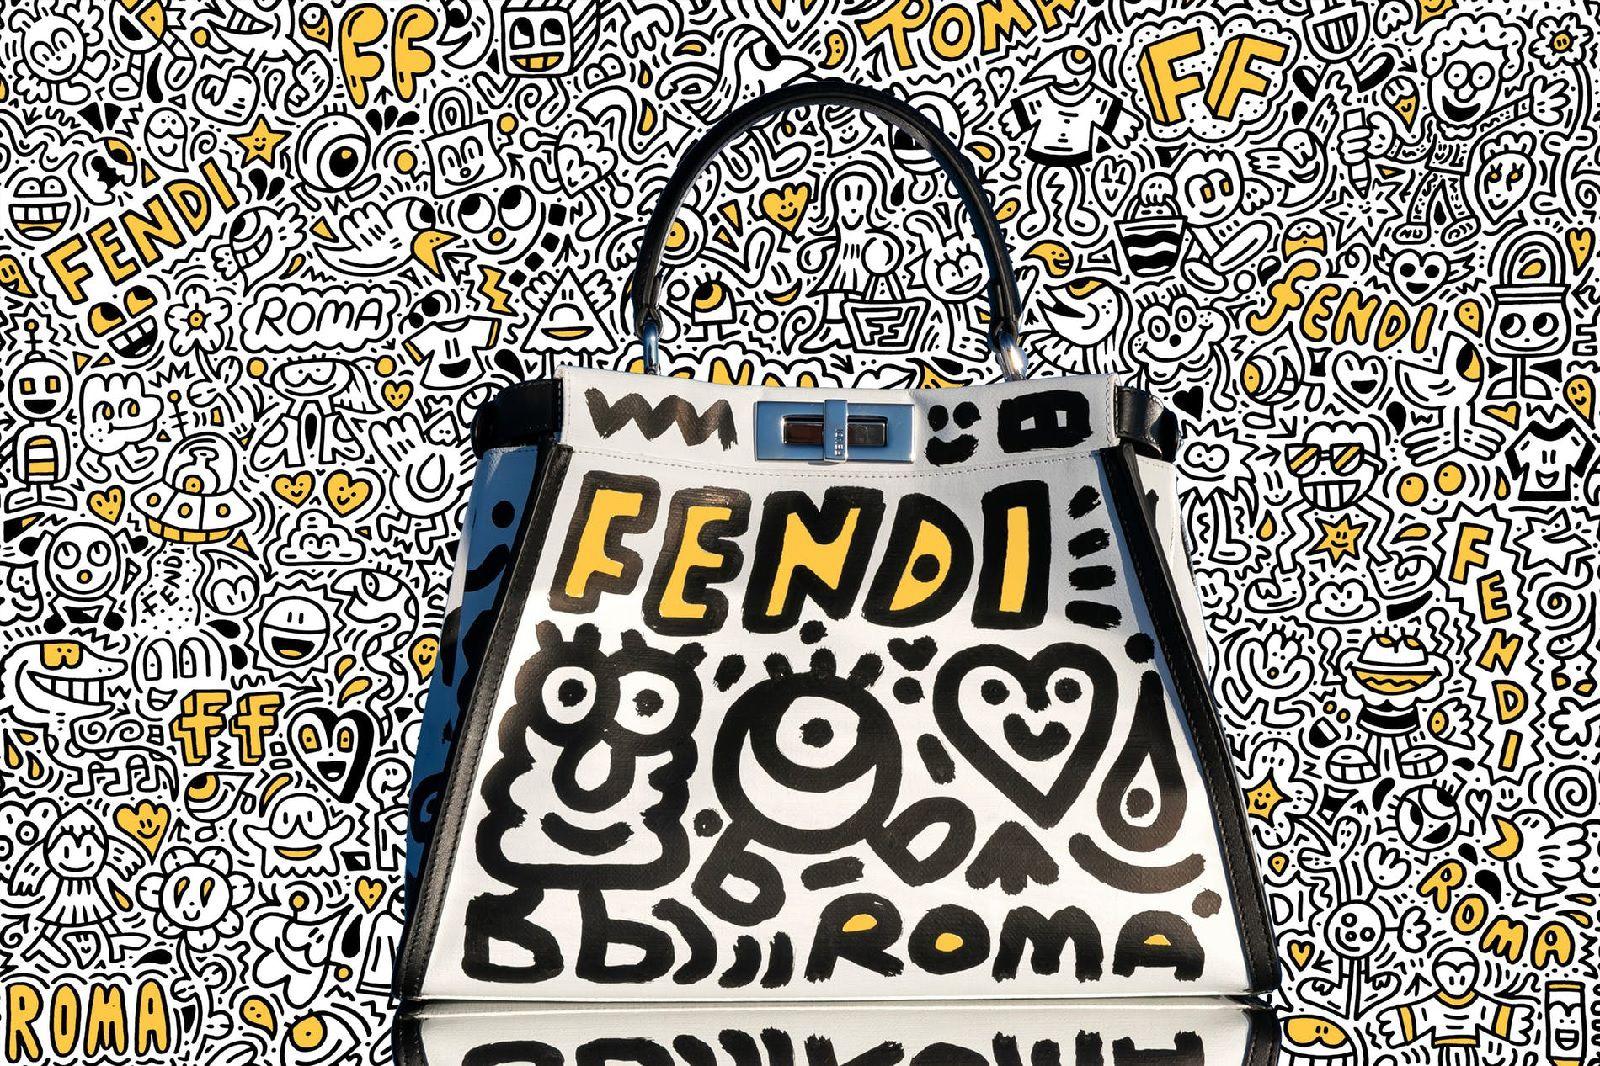 Fendi Presents Mr Doodle Fashionwindows Network